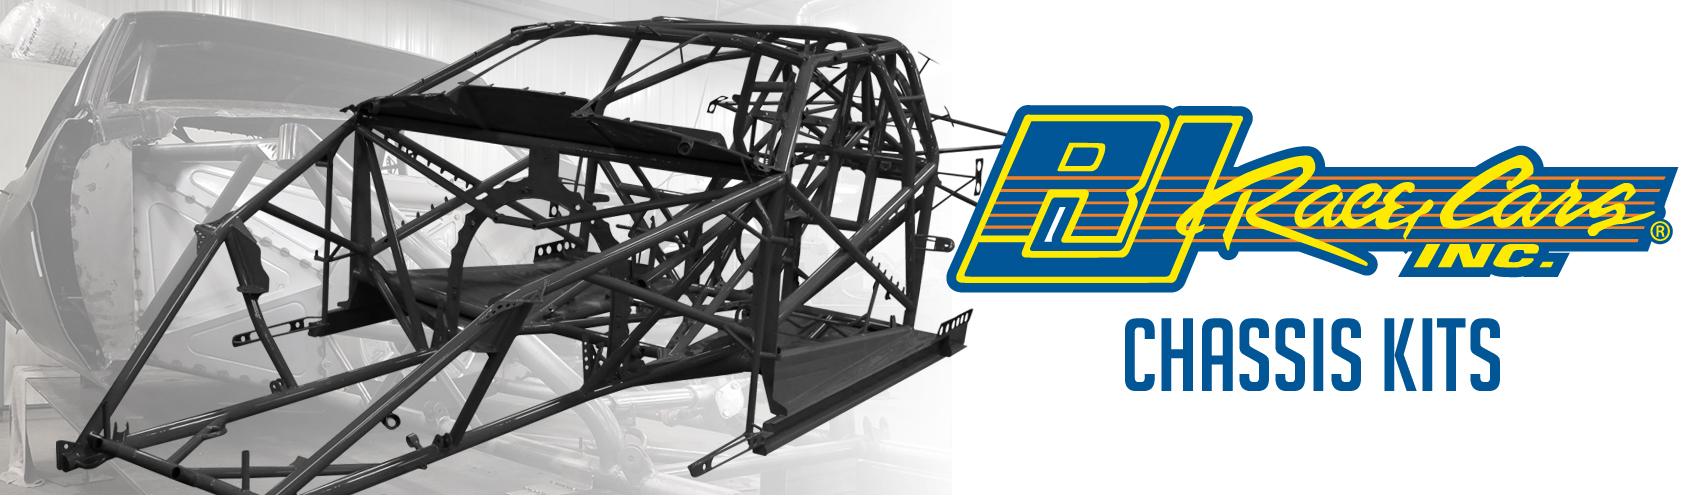 chassis-kits-main-banner.jpg